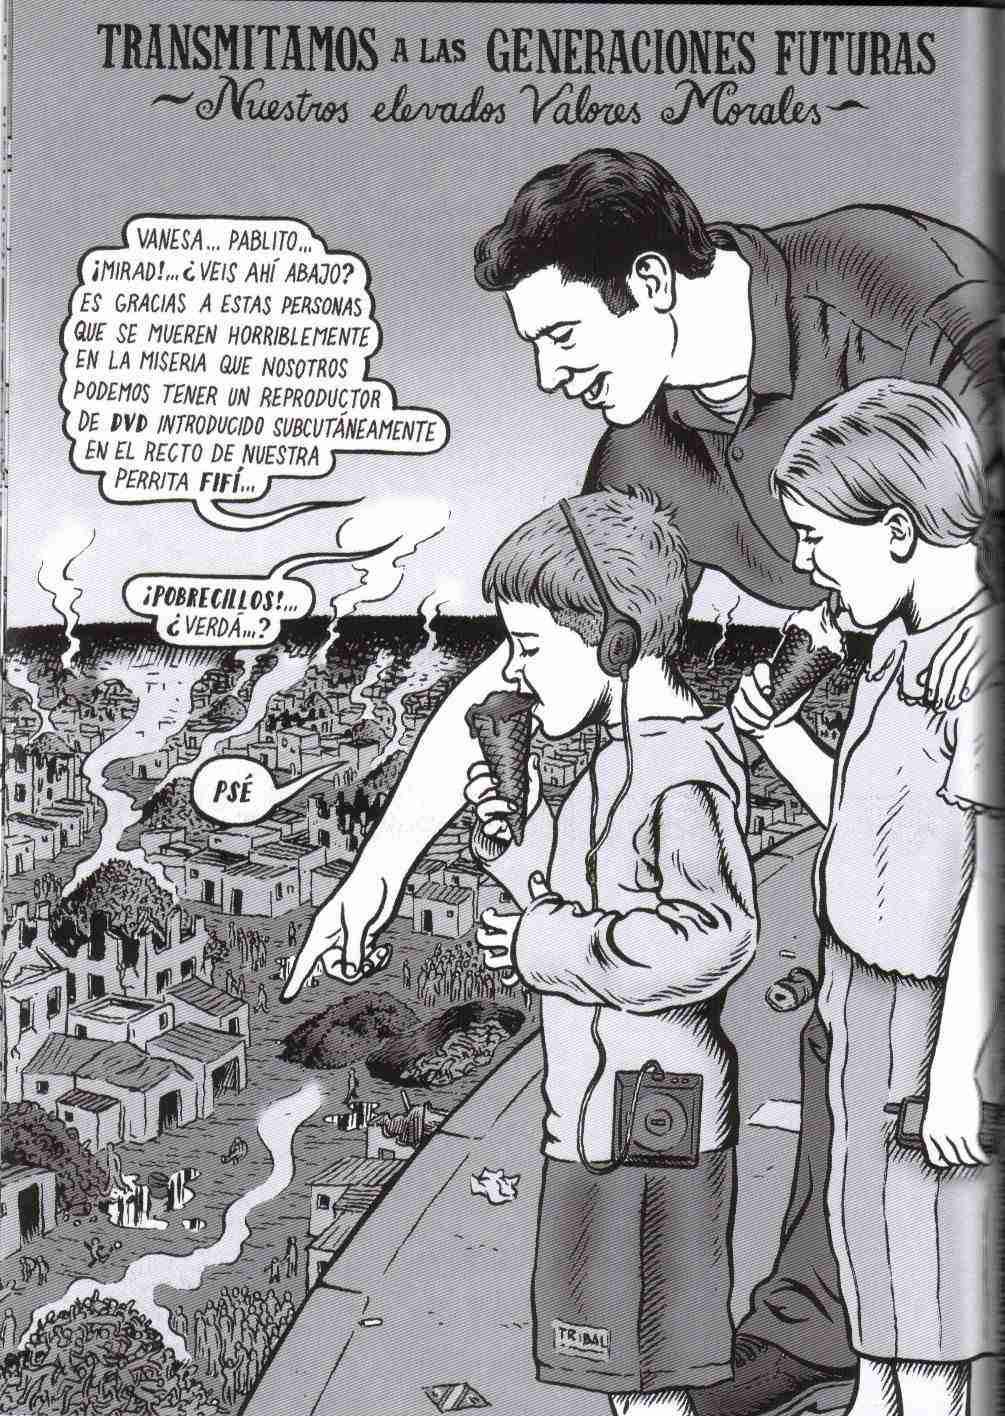 Nuevos valores morales, por Miguel Brieva